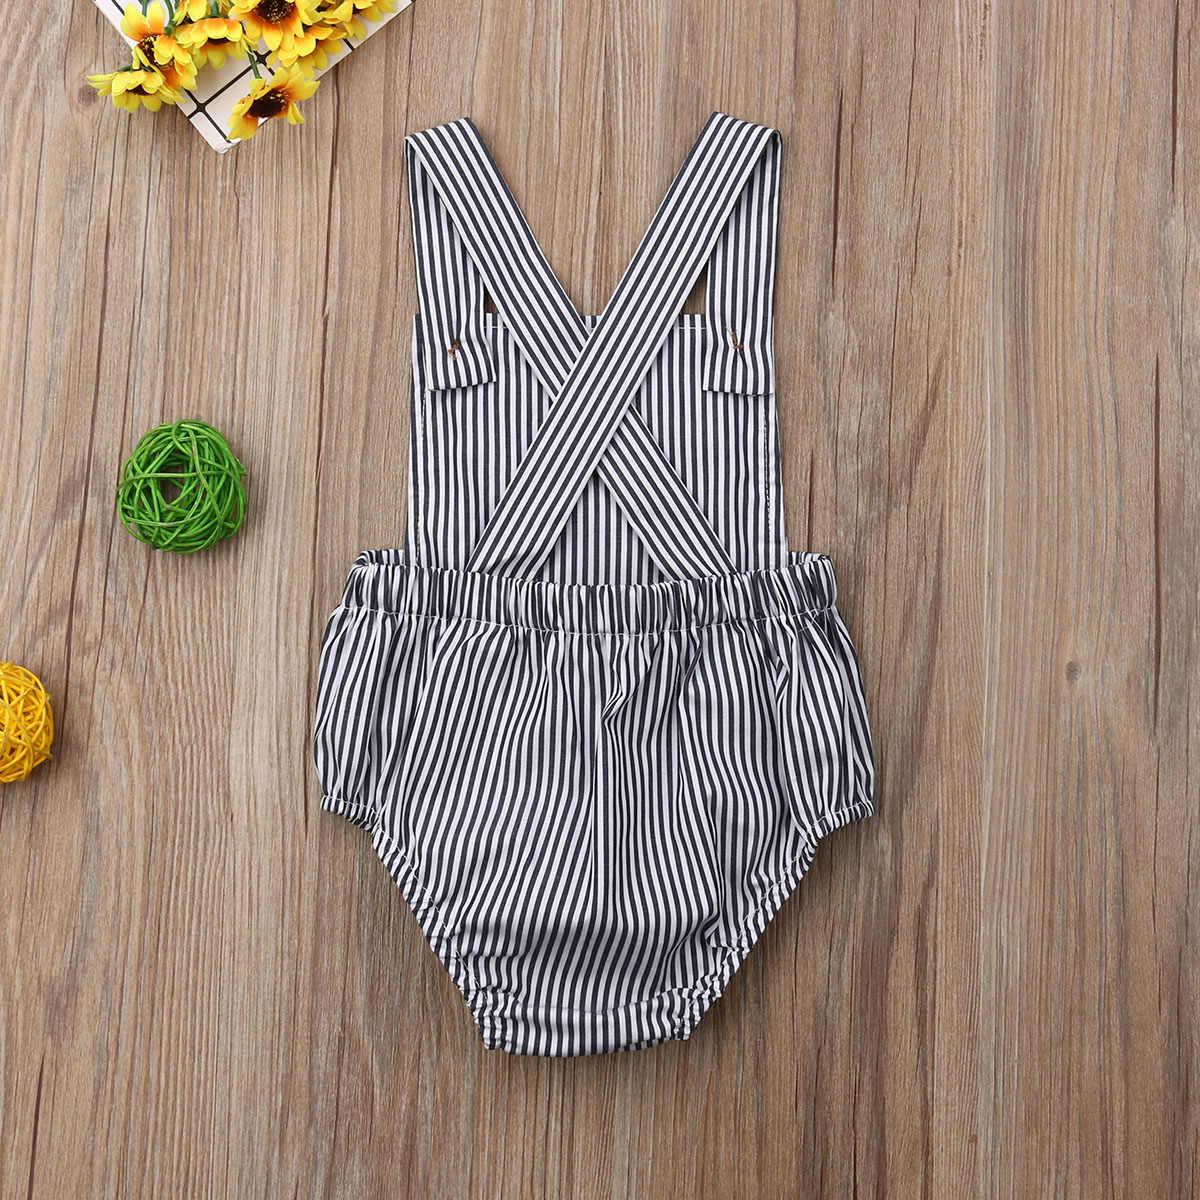 Novo 2020 infantil do bebê recém-nascido meninos meninas macacão verão algodão sem mangas um-pieces suspender macacões roupas de algodão